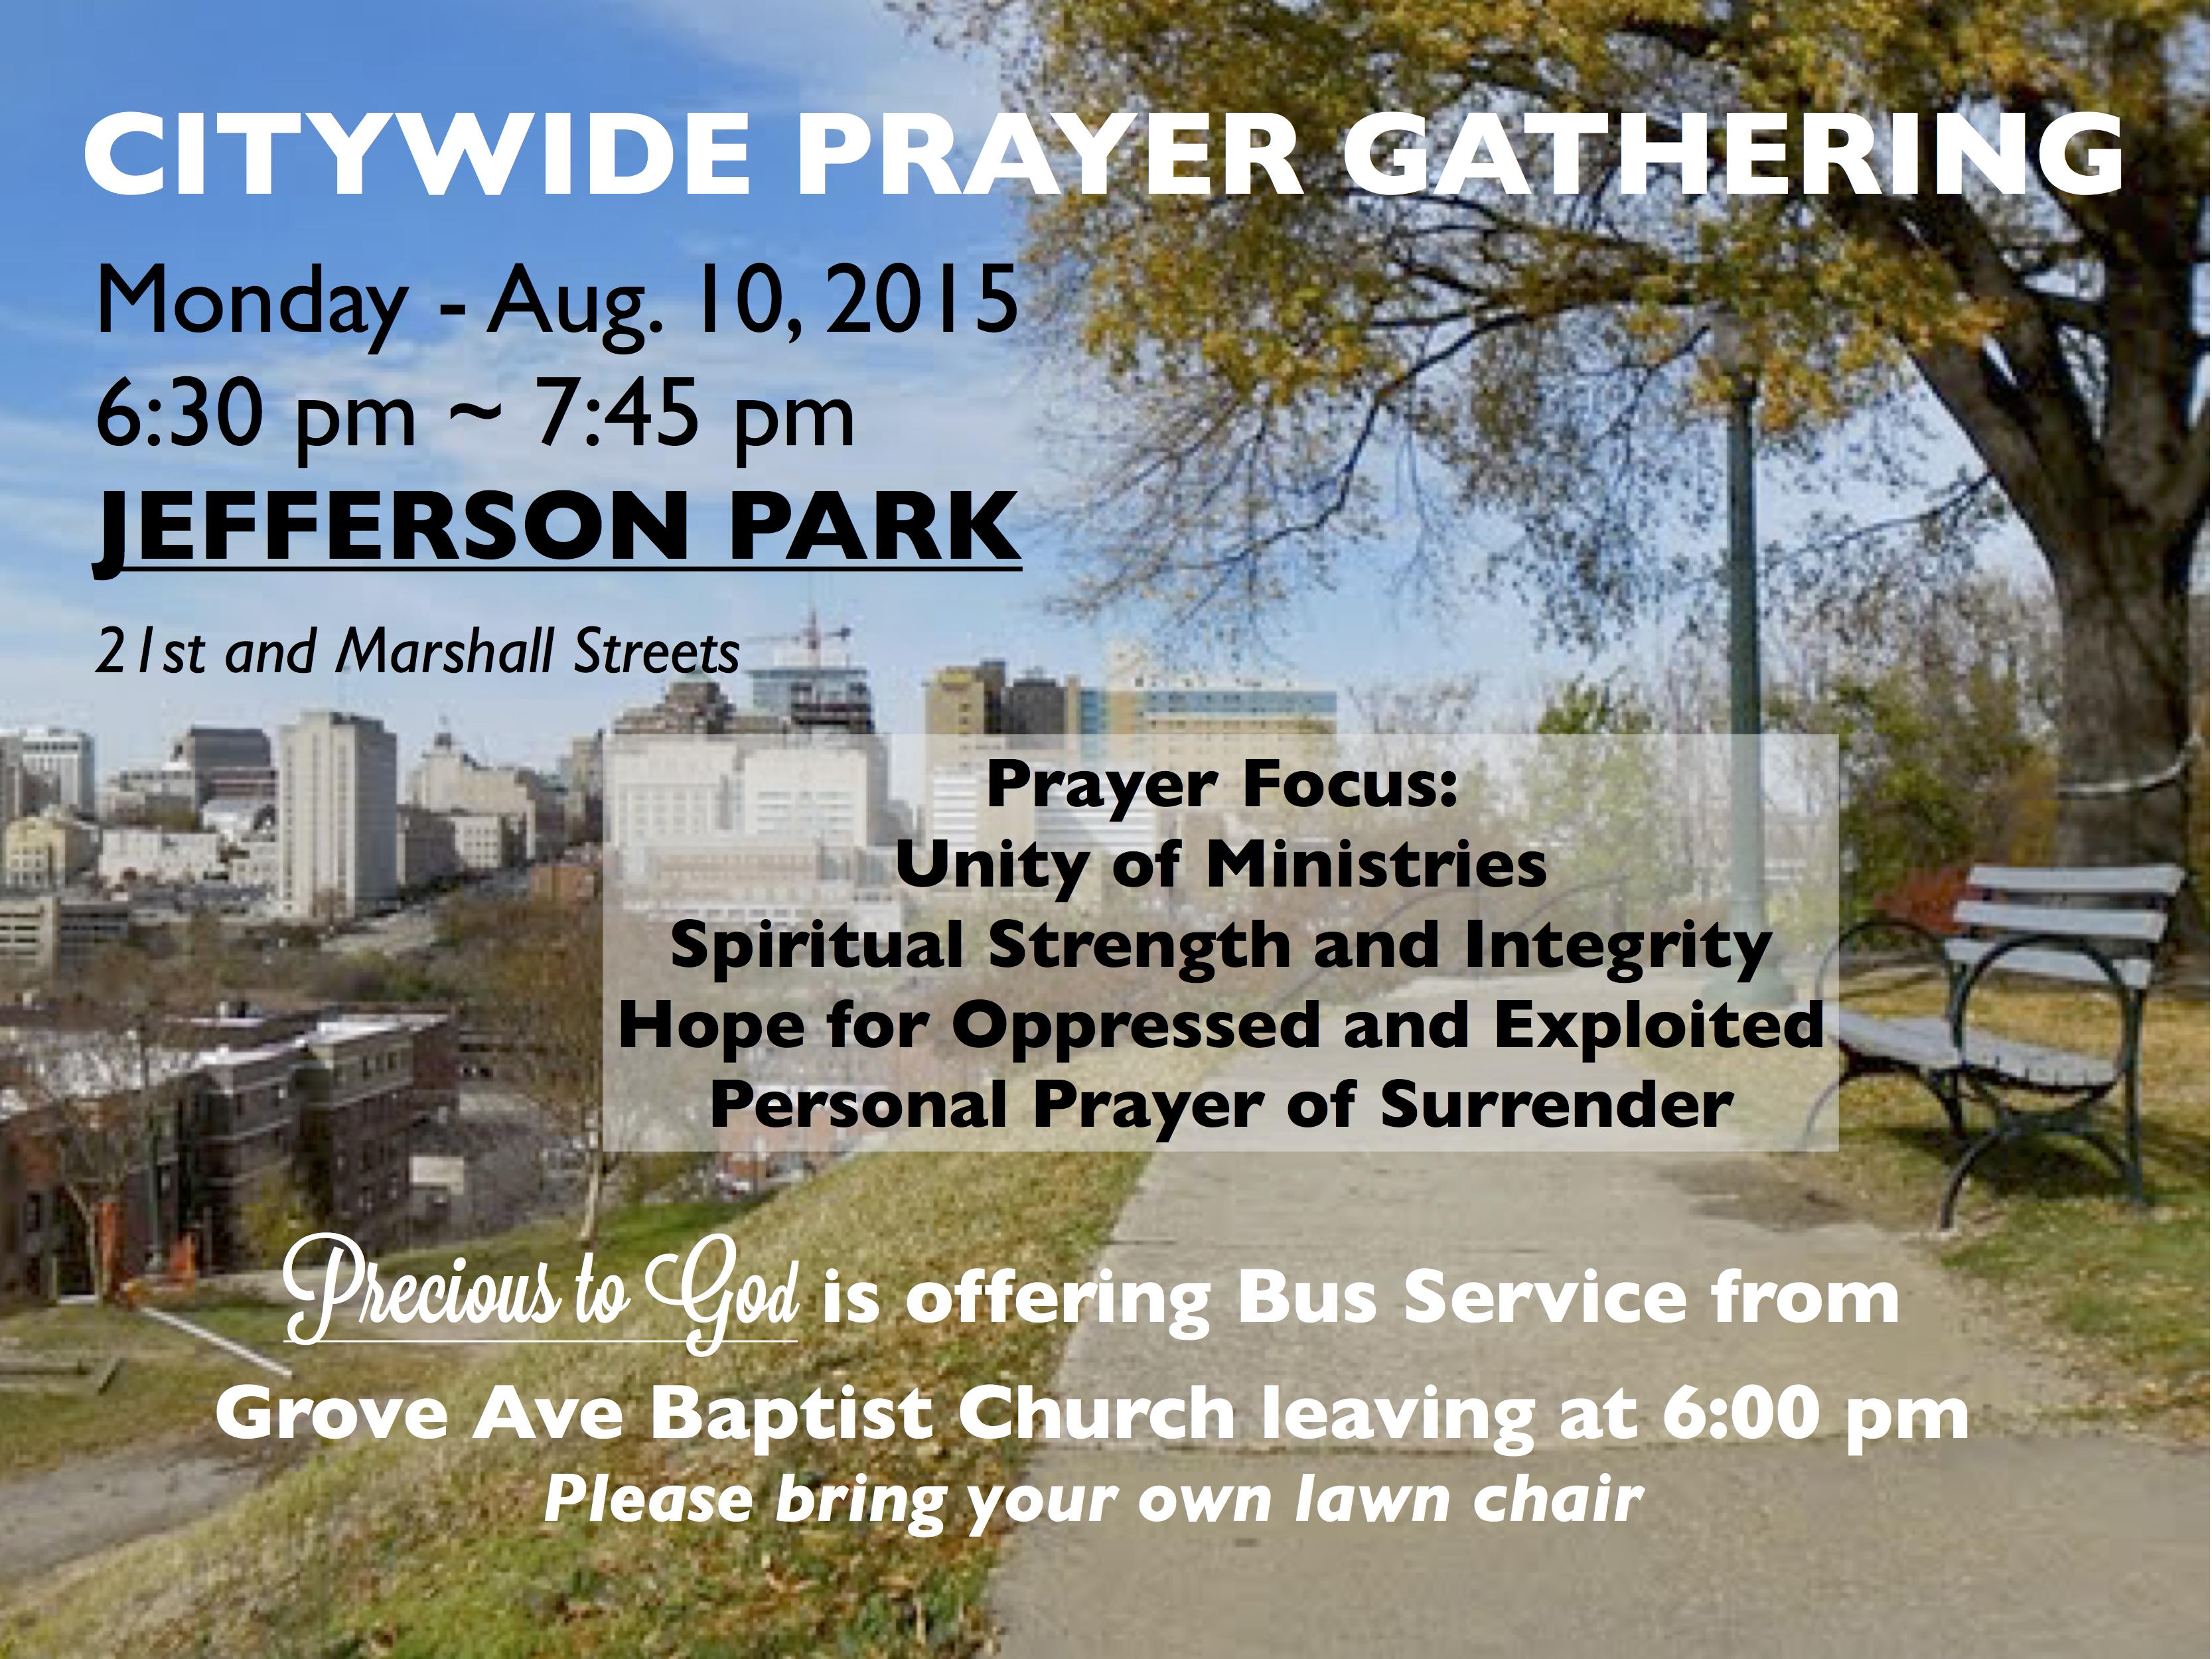 Jefferson Park Prayer Gathering